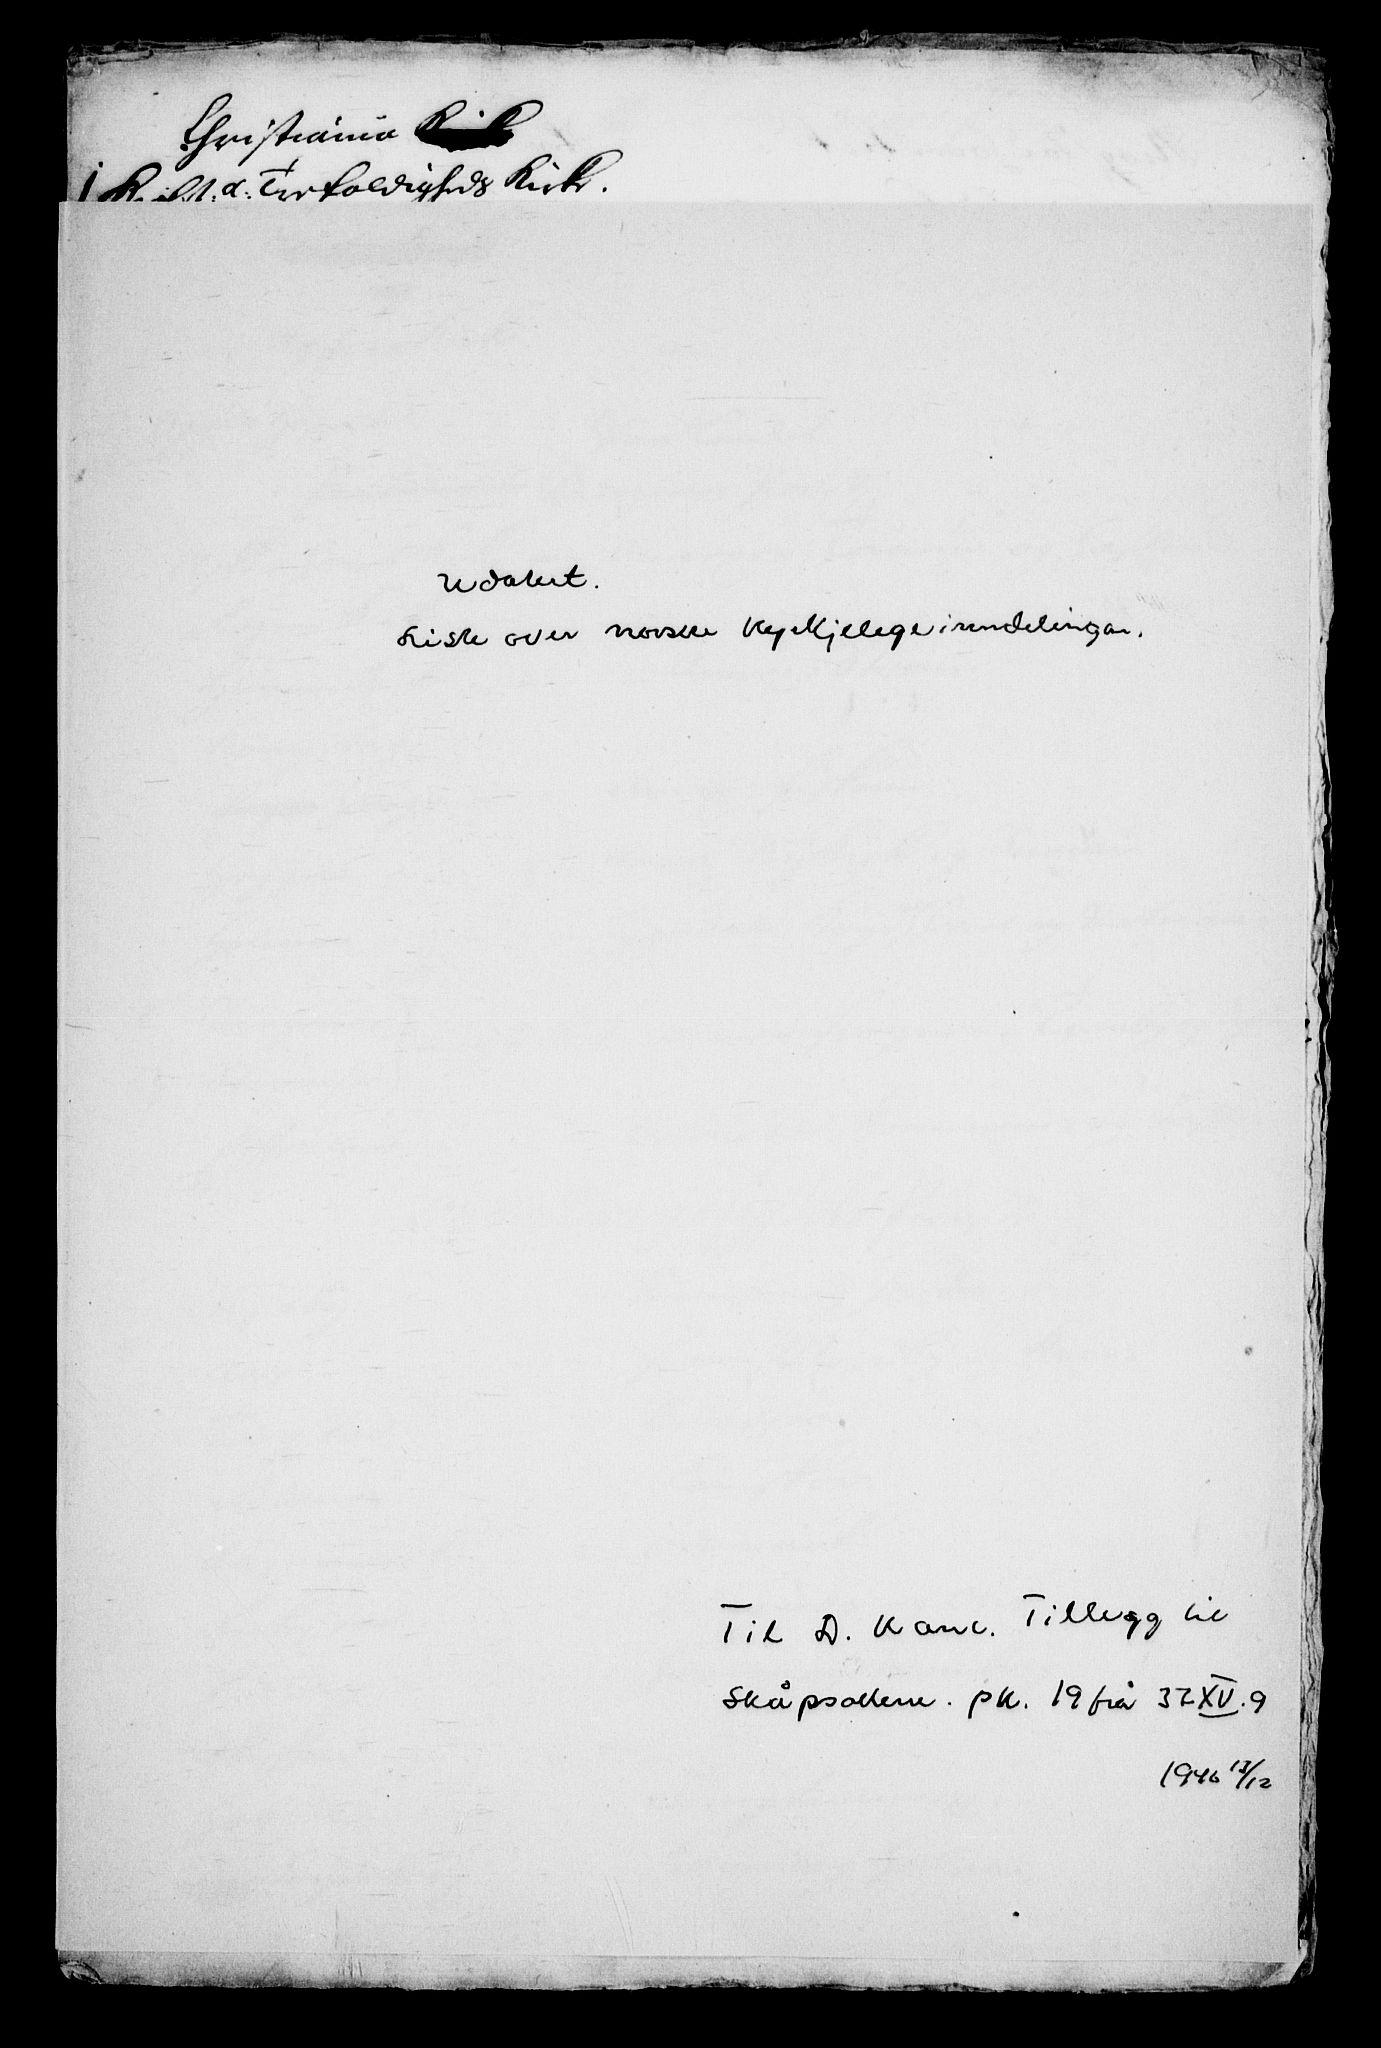 RA, Danske Kanselli, Skapsaker, G/L0019: Tillegg til skapsakene, 1616-1753, s. 320